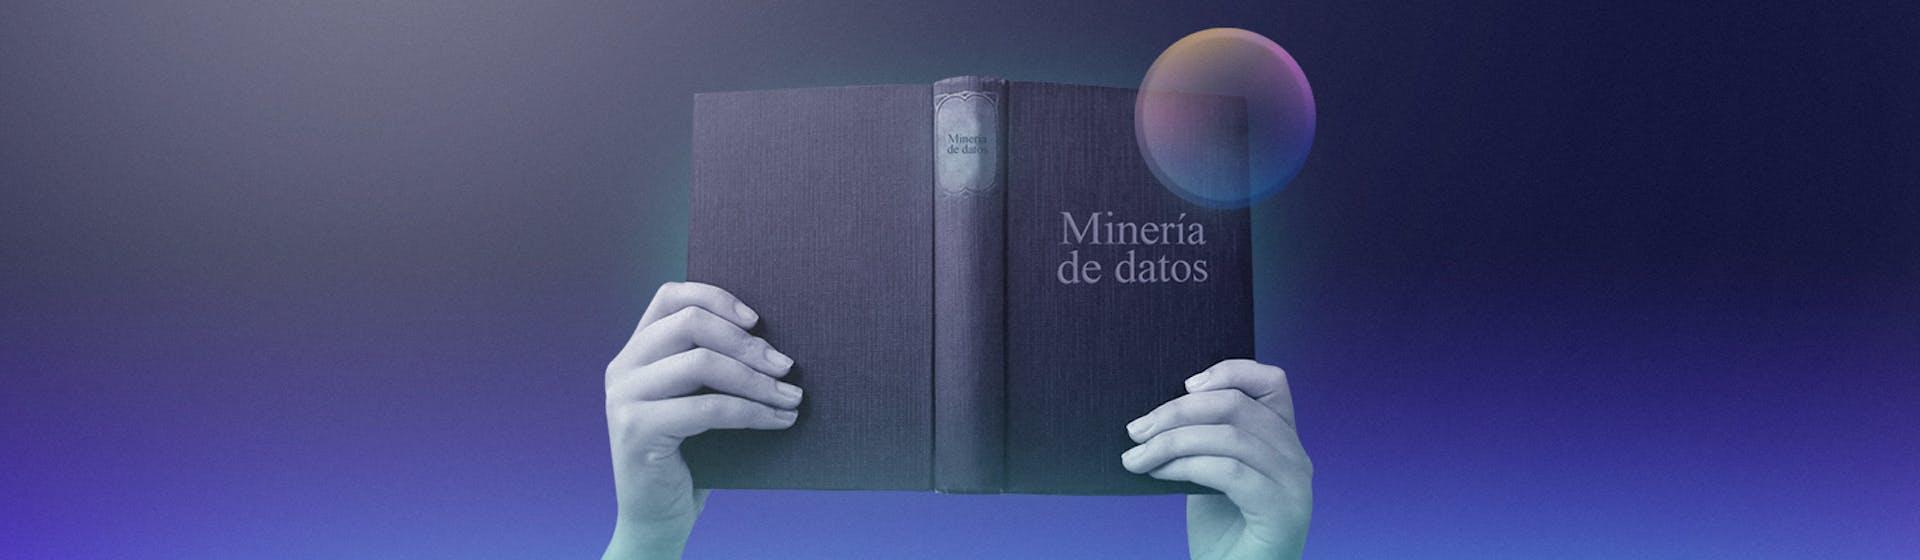 8 libros de minería de datos para científicos de datos y principiantes del data mining